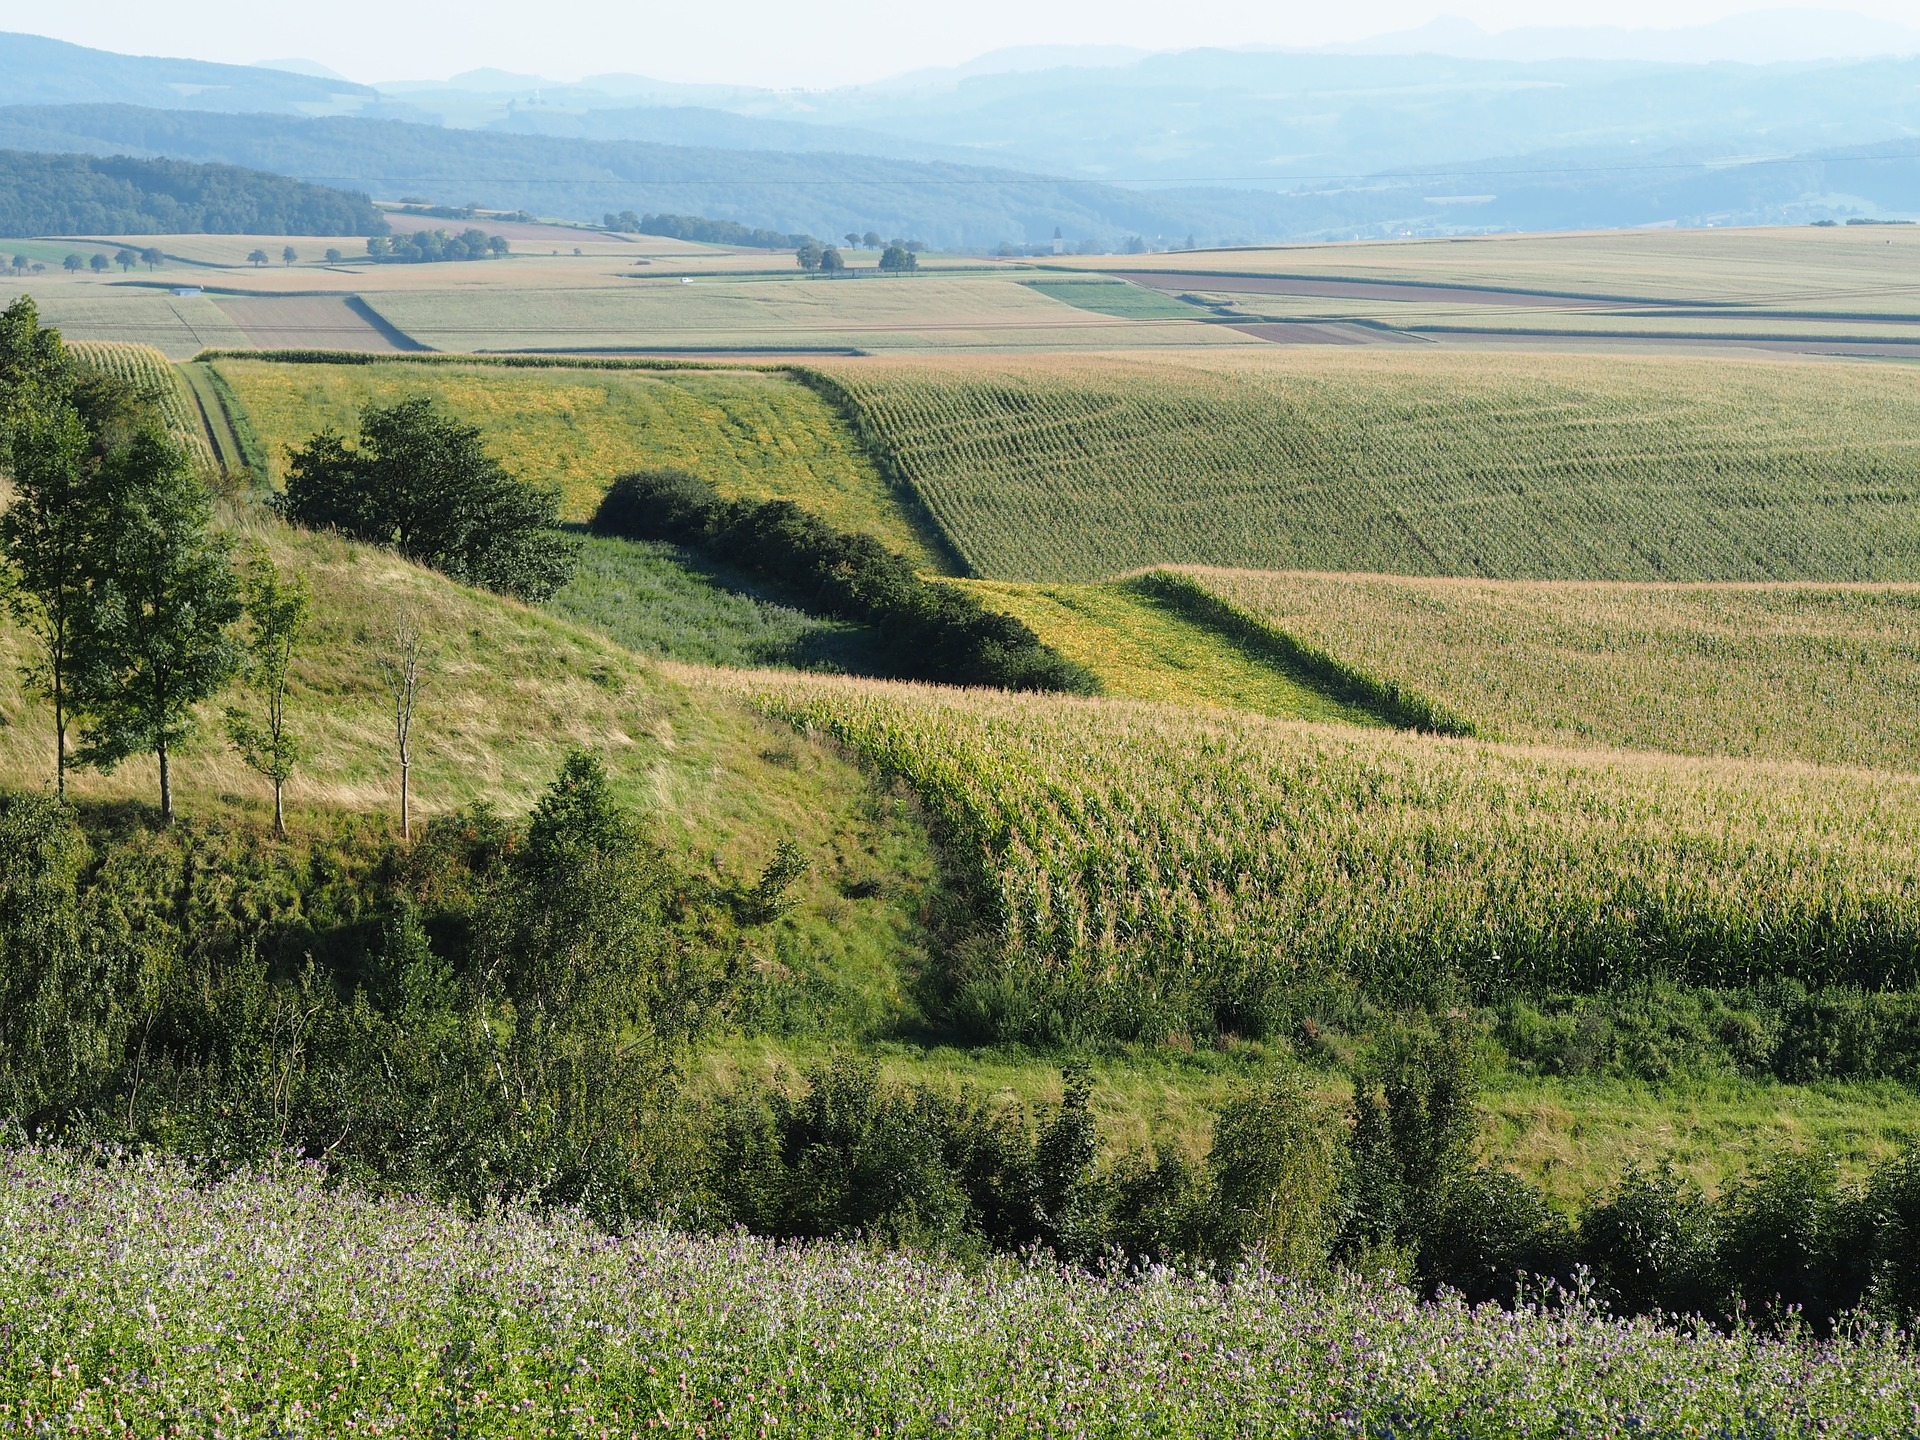 Про це інформує Державна екологічна інспекція Закарпатської області.